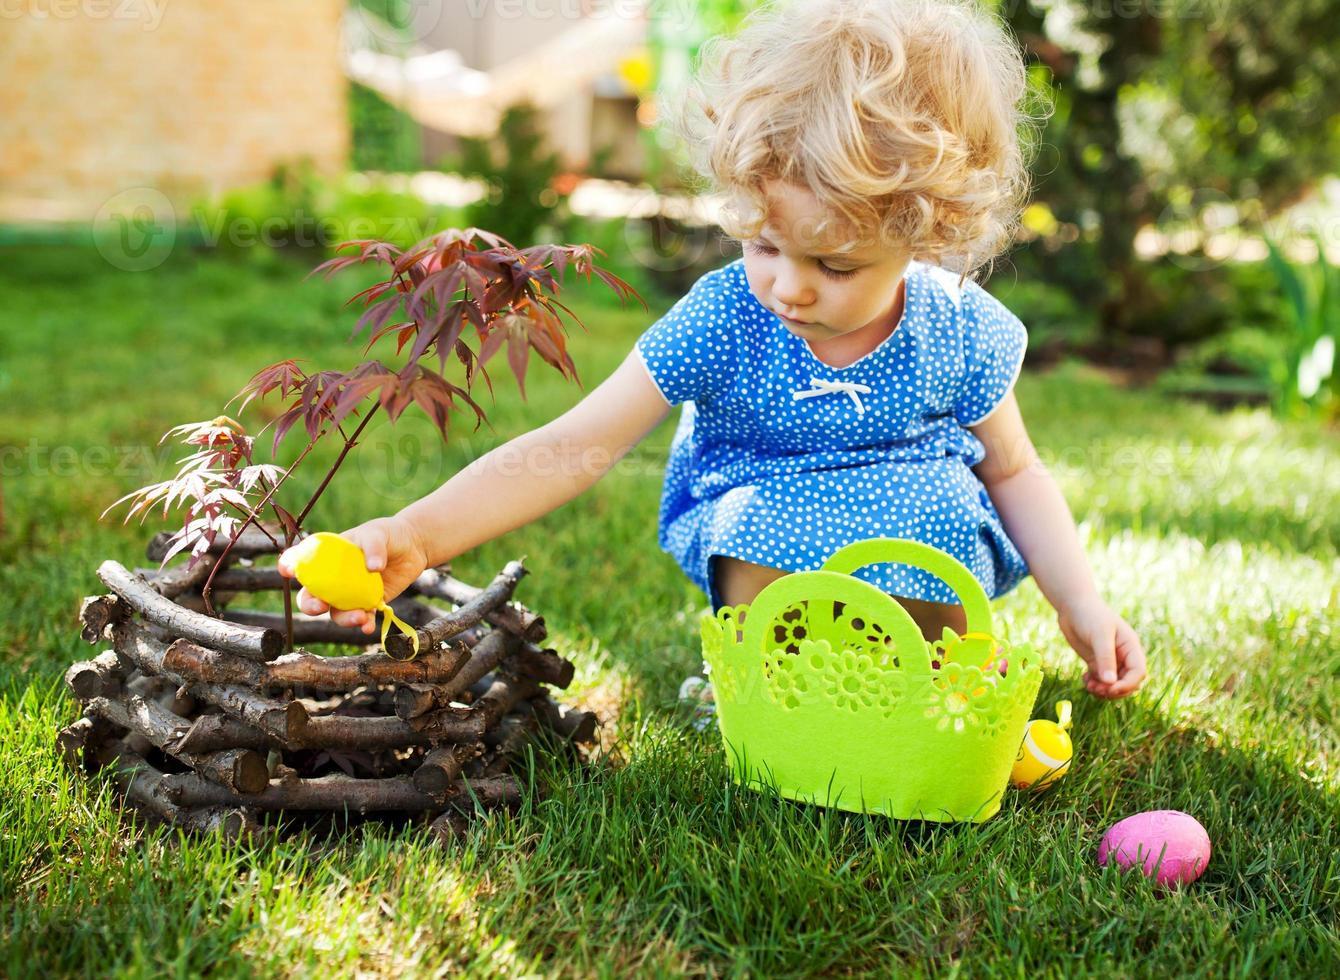 Little Girl on an Easter Egg hunt photo